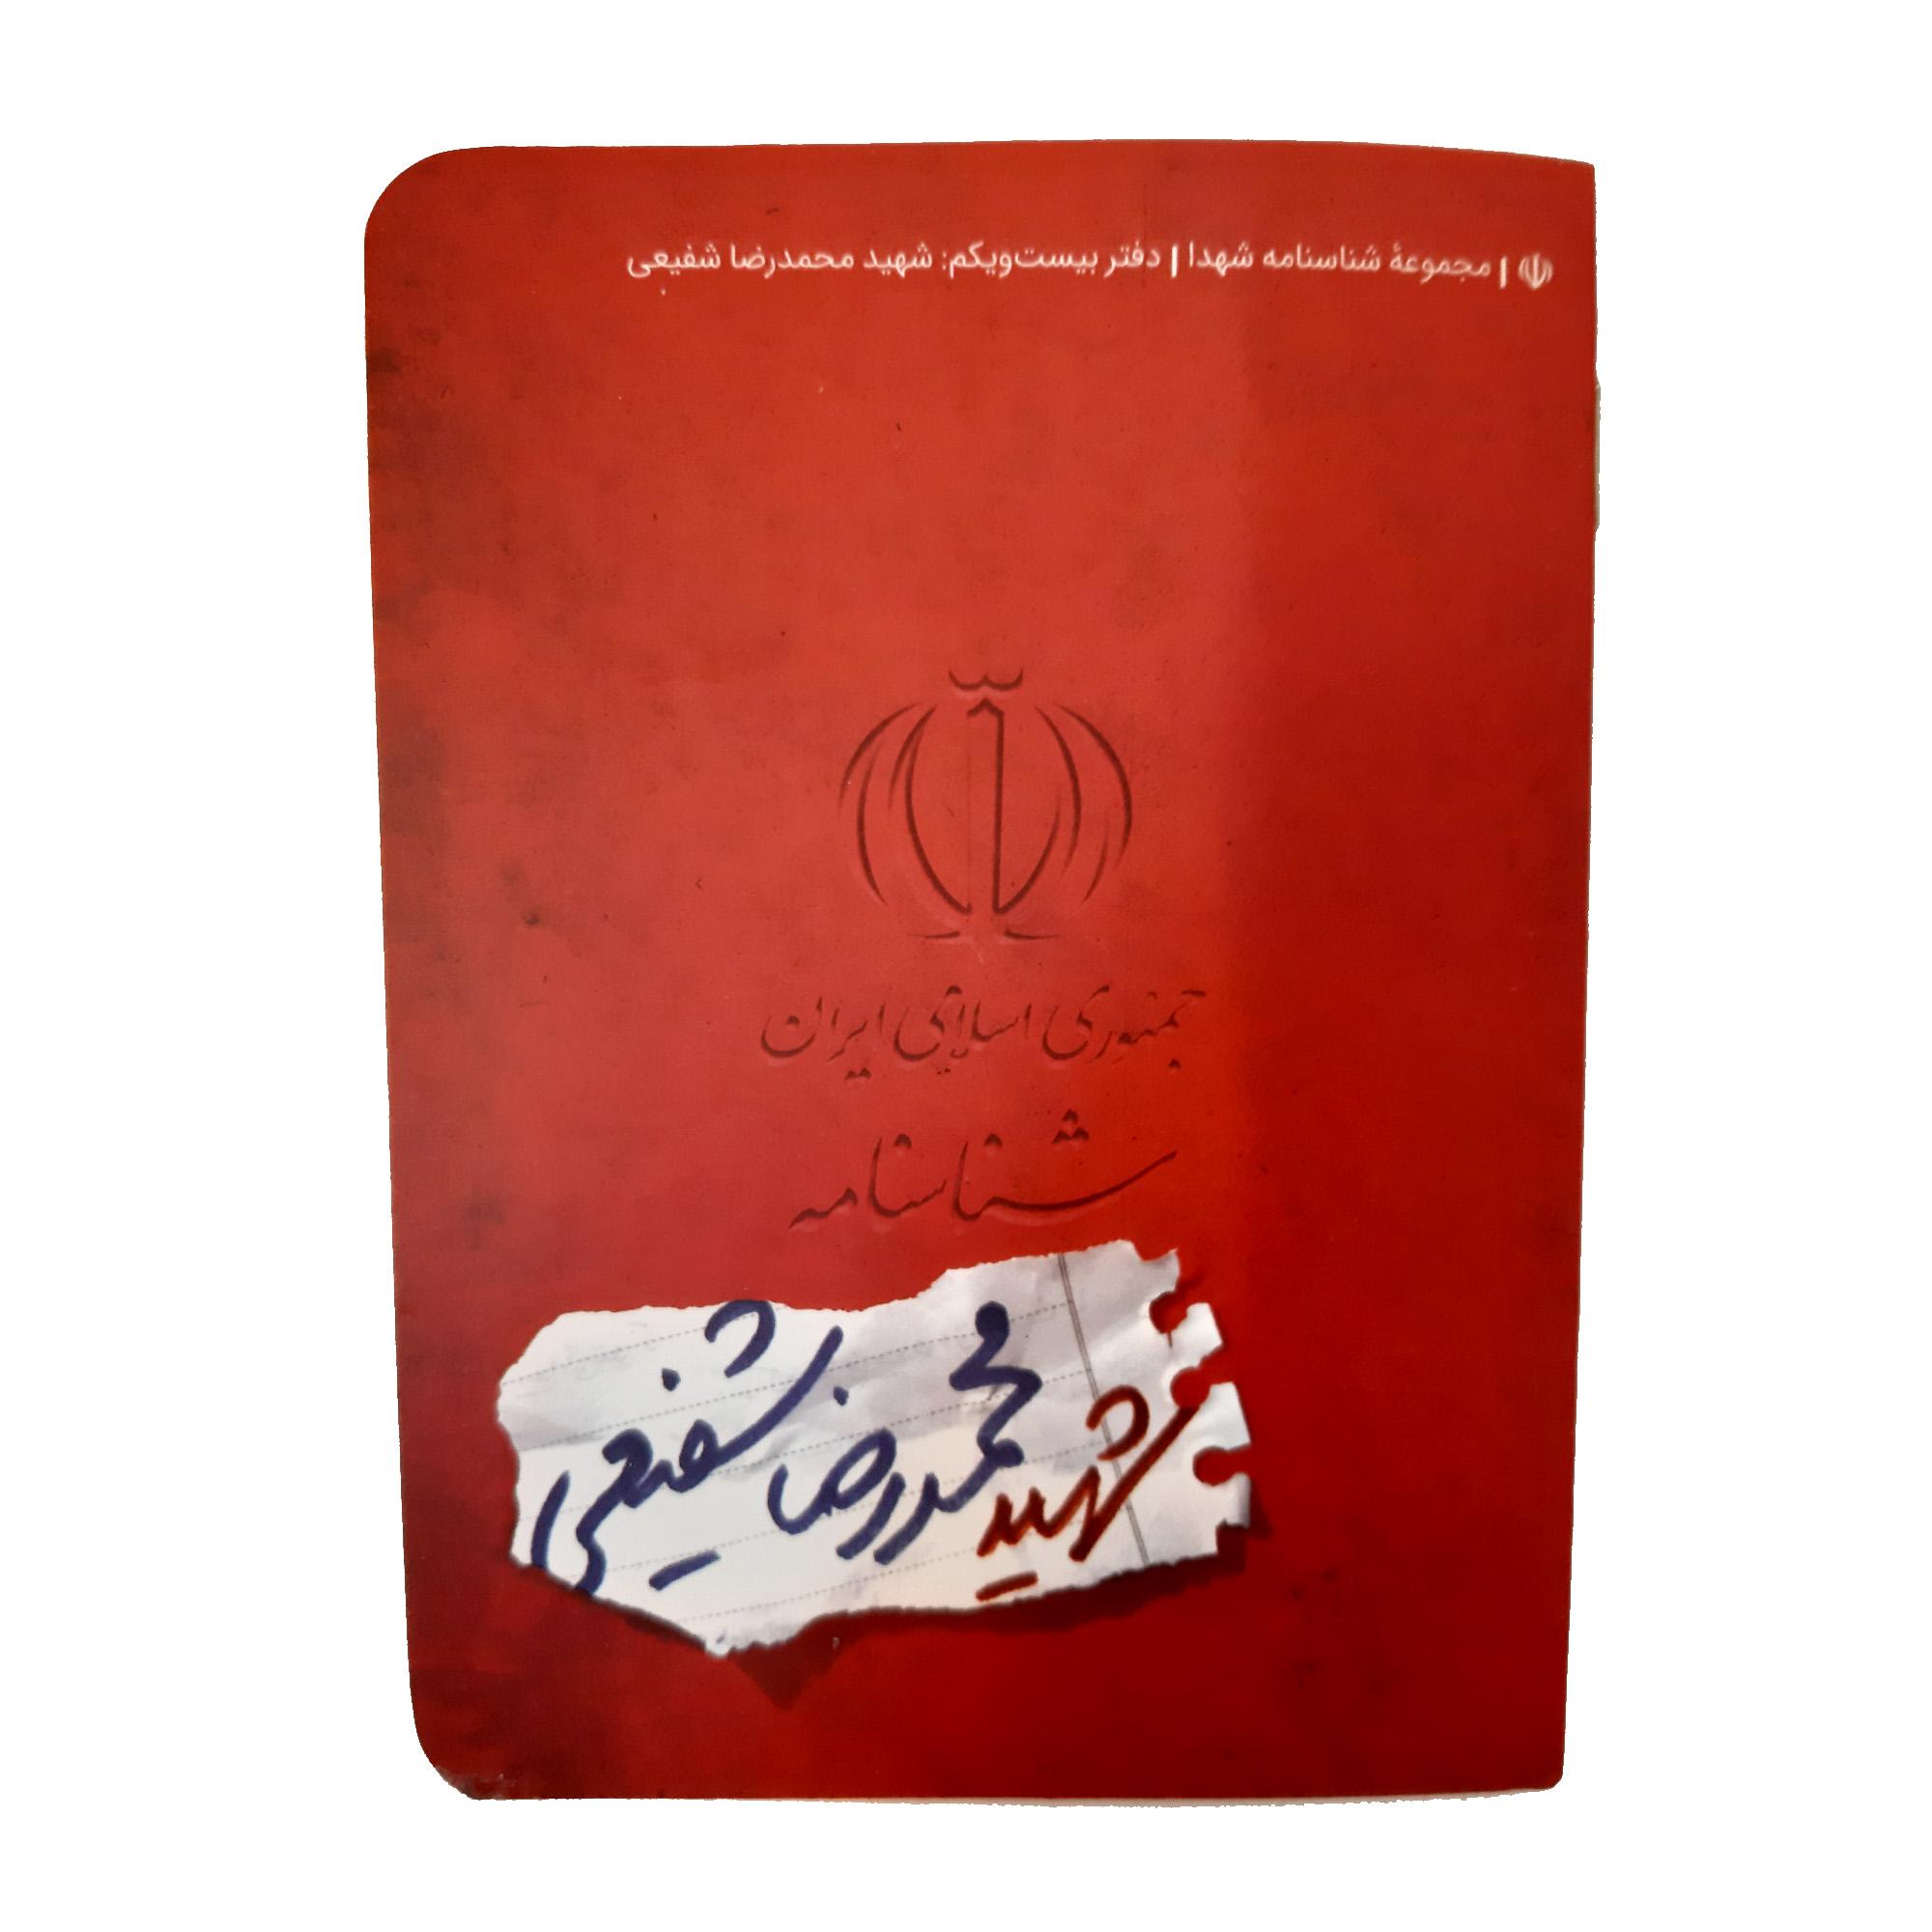 کتاب شناسنامه شهید محمدرضا شفیعی اثر ناهید رحیمی انتشارات کتابک